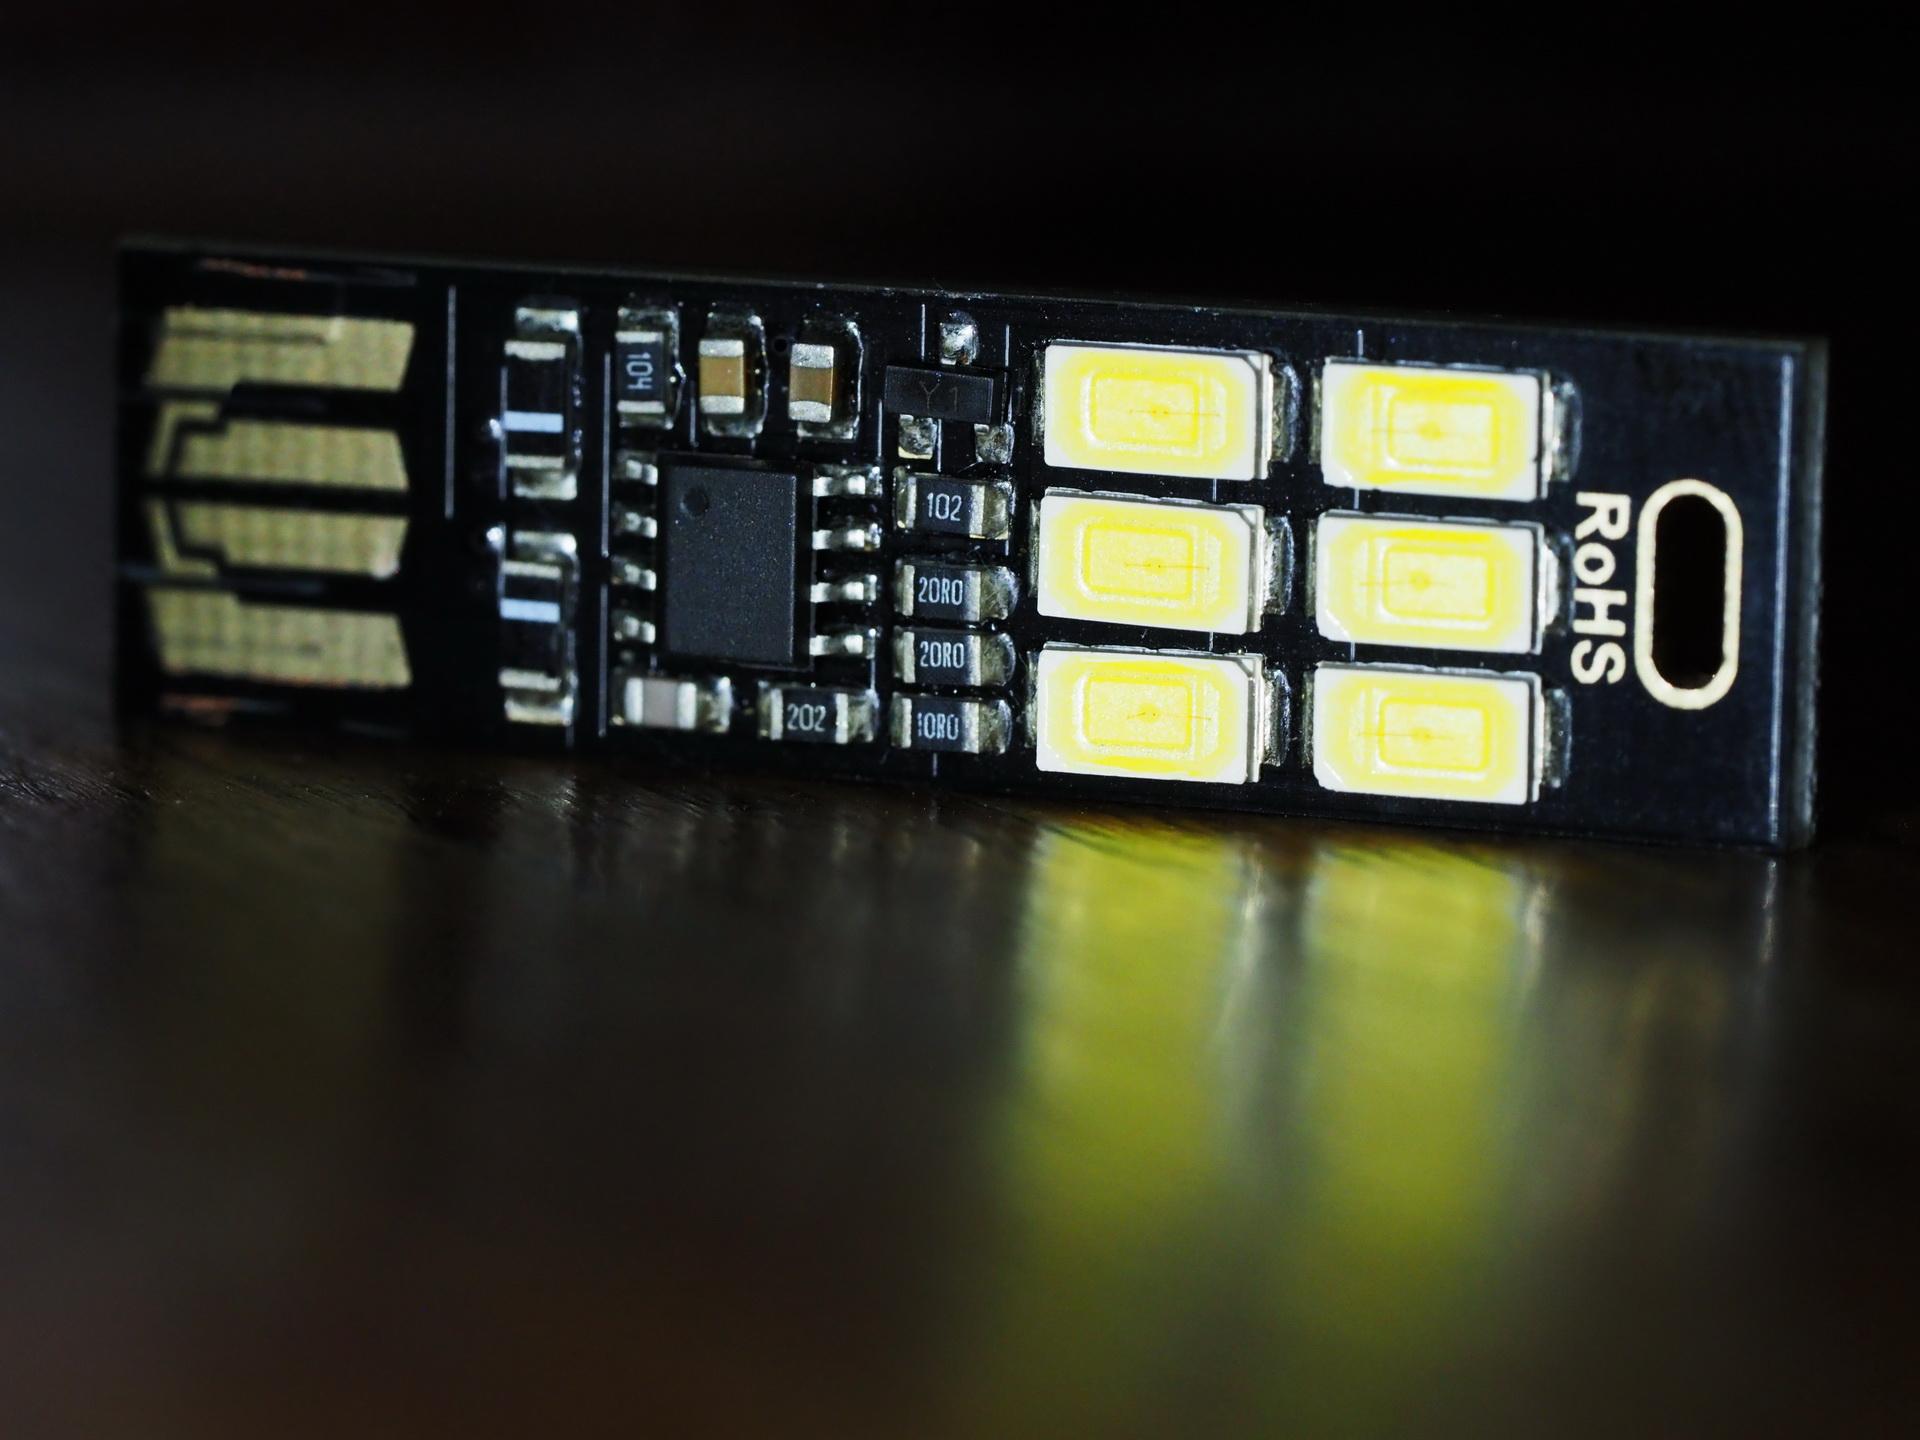 The USB LED Card